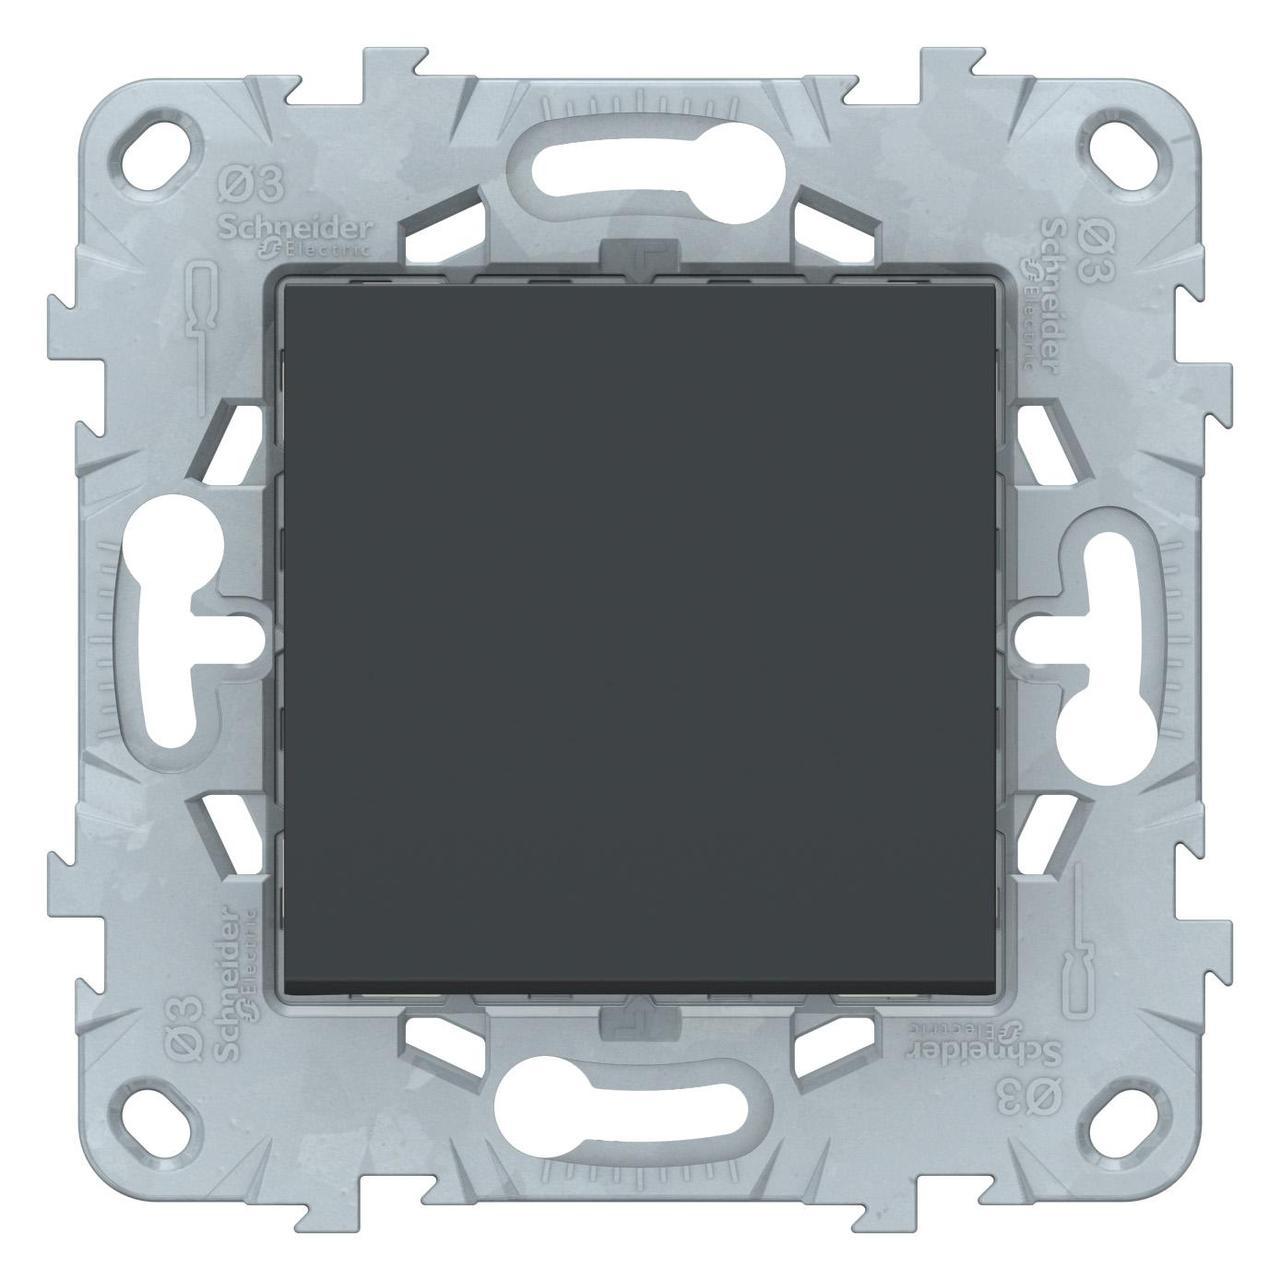 Выключатель 1-клавишный; кнопочный , Антрацит, серия Unica New, Schneider Electric